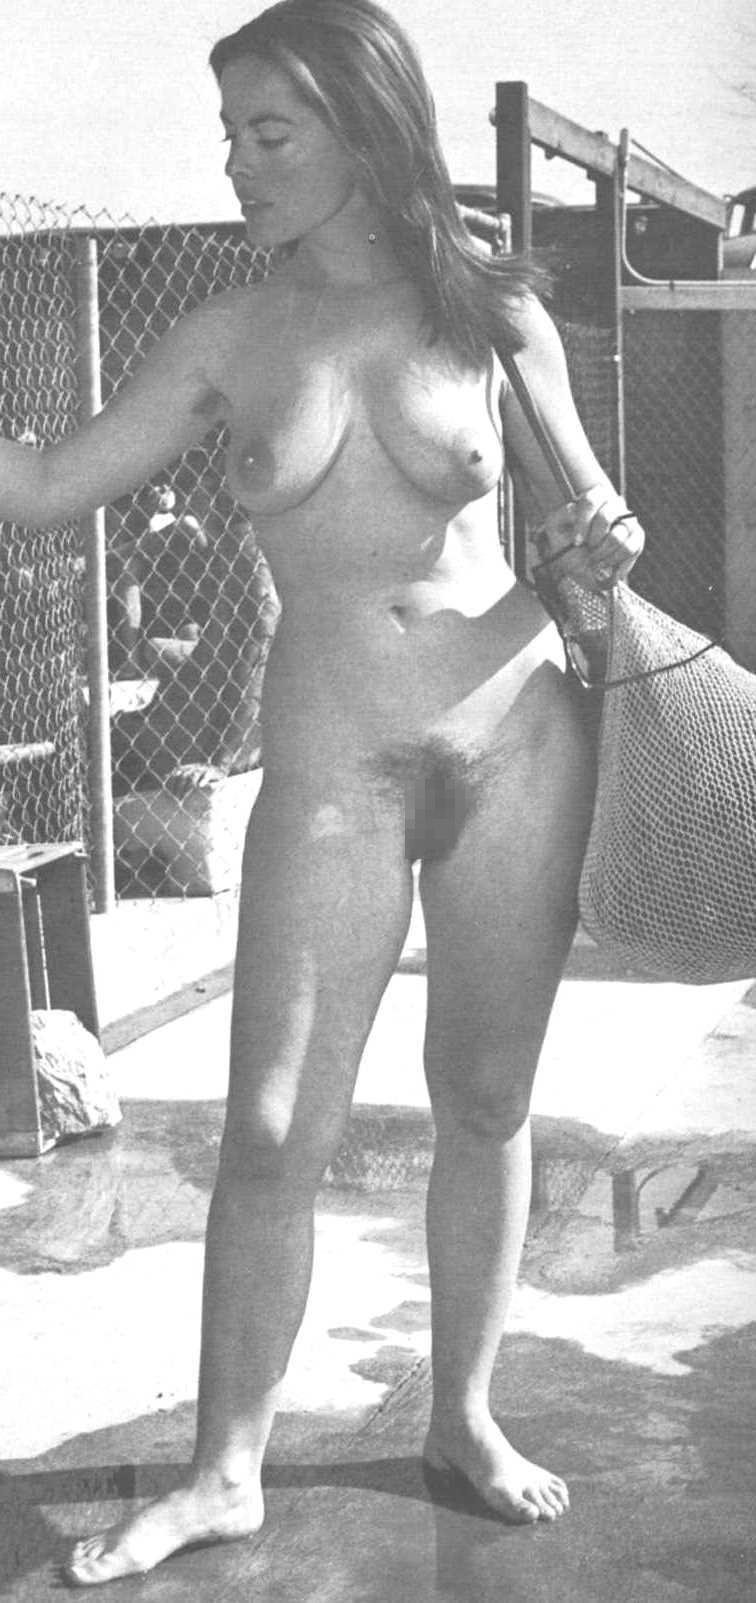 【貴重】80年代アメリカさんのヌード写真がうpされ日本女性とのポテンシャルの違いを見せつけるwwwwwwwww(画像あり)・28枚目